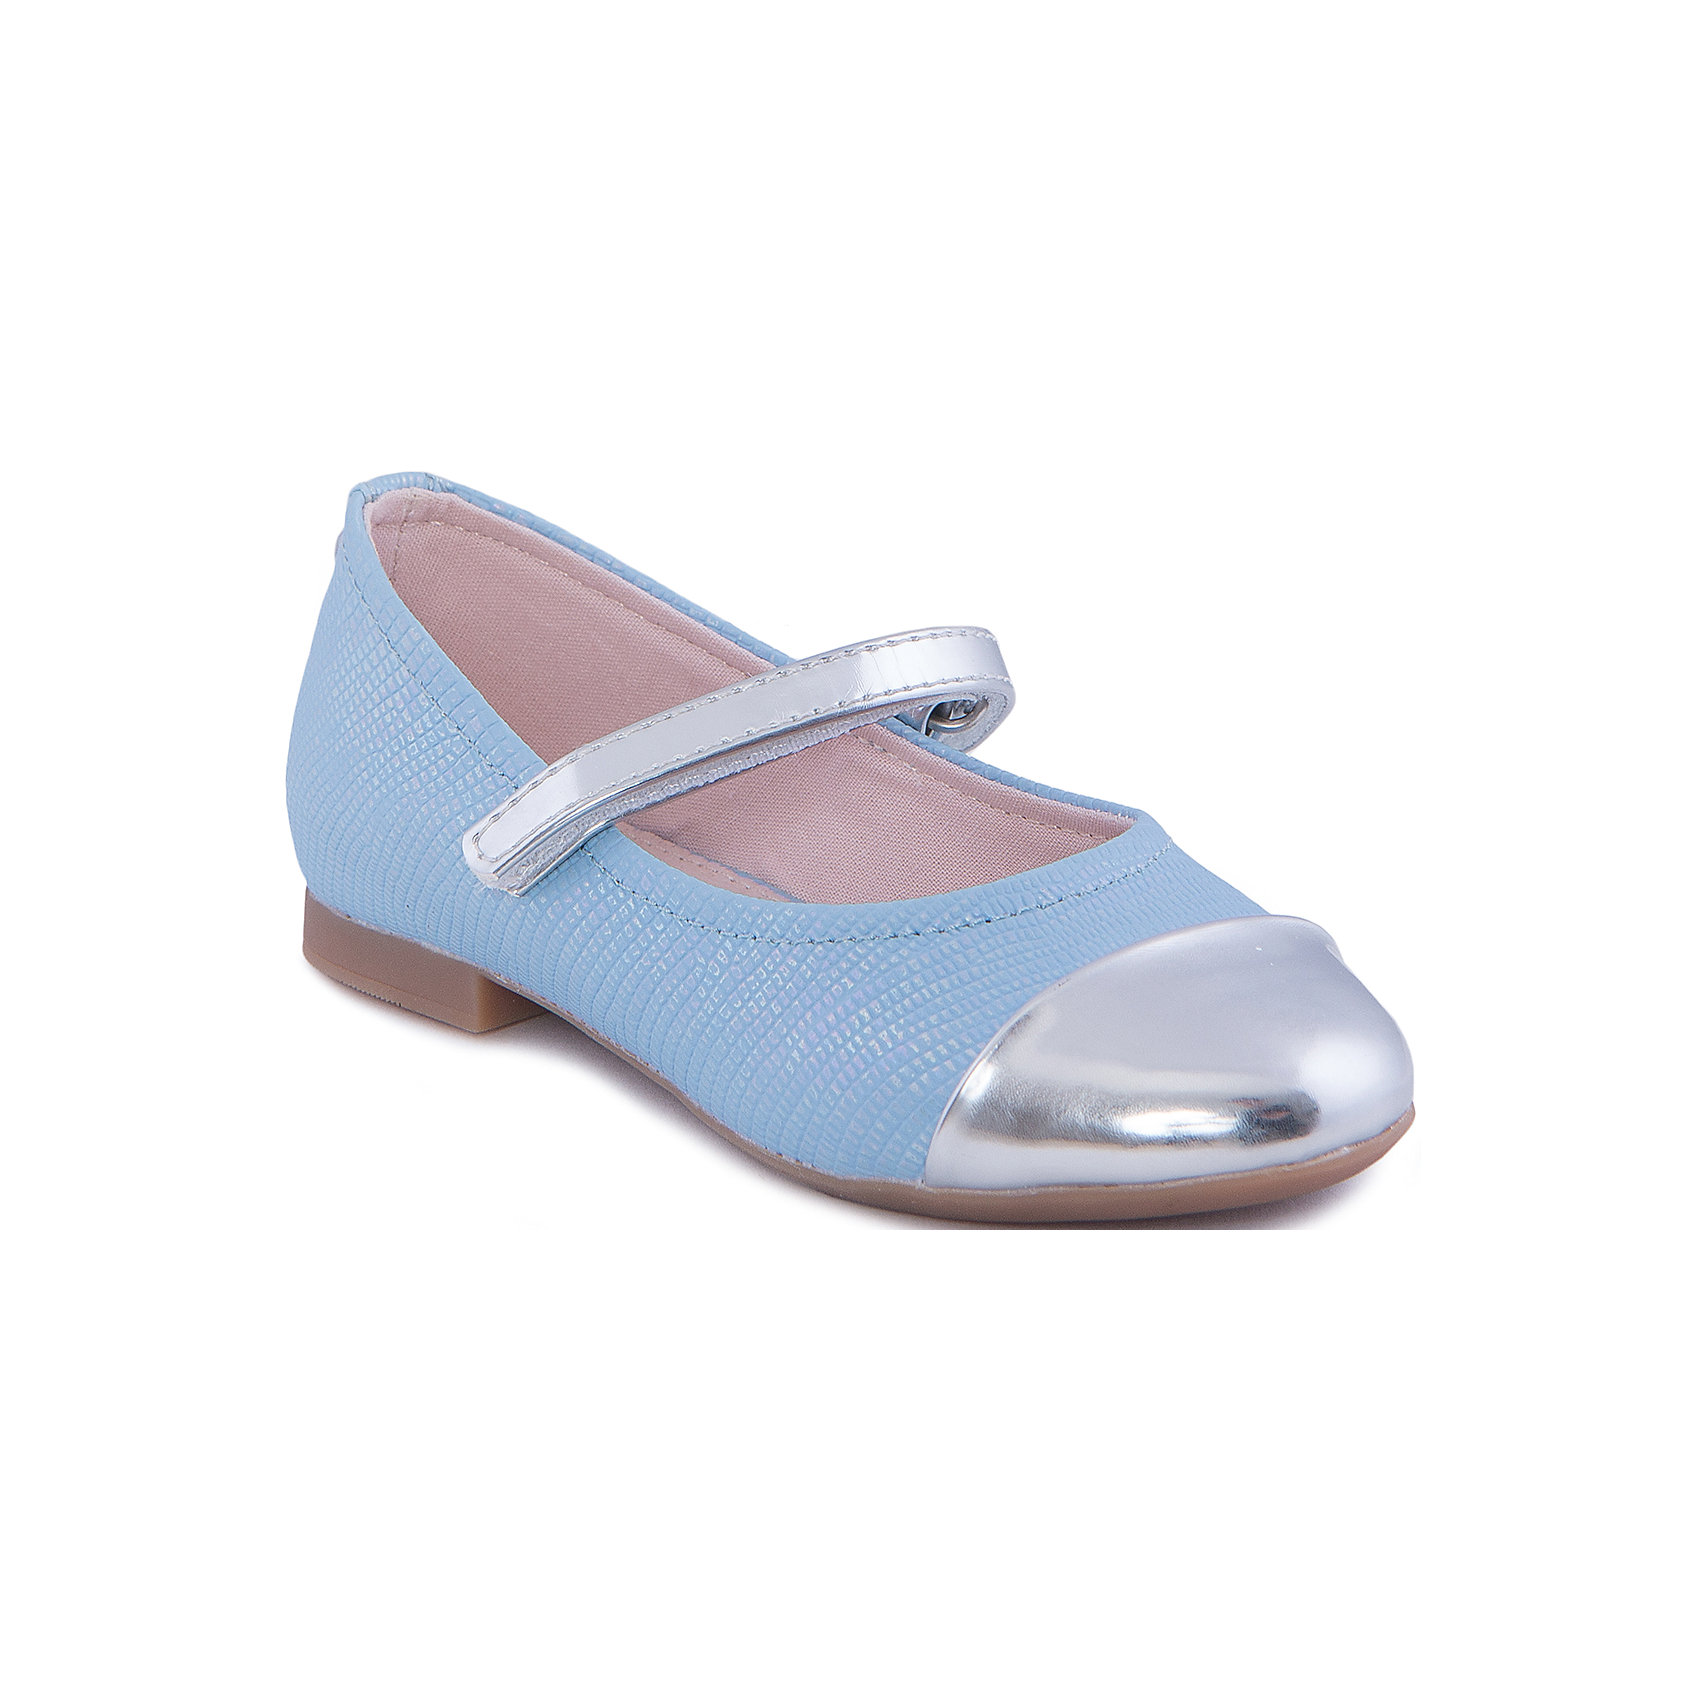 Туфли для девочки  MayoralОбувь<br>Стильные туфли от известной испанской марки Mayoral приведут в восторг всех юных модниц! <br><br>Дополнительная информация:<br><br>- Стильный дизайн. <br>- Небольшой каблук.<br>- Застегиваются на липучку.<br>- Вставки и серебряной кожи на ремешке и носу. <br>- Состав: материал верха - 100% полиуретан; подкладка, стелька - 70% хлопок, 18% кожа, 12% - полиуретан ; подошва - 100% полиуретан.<br><br>Туфли Mayoral (Майорал) можно купить в нашем магазине.<br><br>Ширина мм: 227<br>Глубина мм: 145<br>Высота мм: 124<br>Вес г: 325<br>Цвет: голубой<br>Возраст от месяцев: 36<br>Возраст до месяцев: 48<br>Пол: Женский<br>Возраст: Детский<br>Размер: 27,26,32,31,30,29,28<br>SKU: 4539797